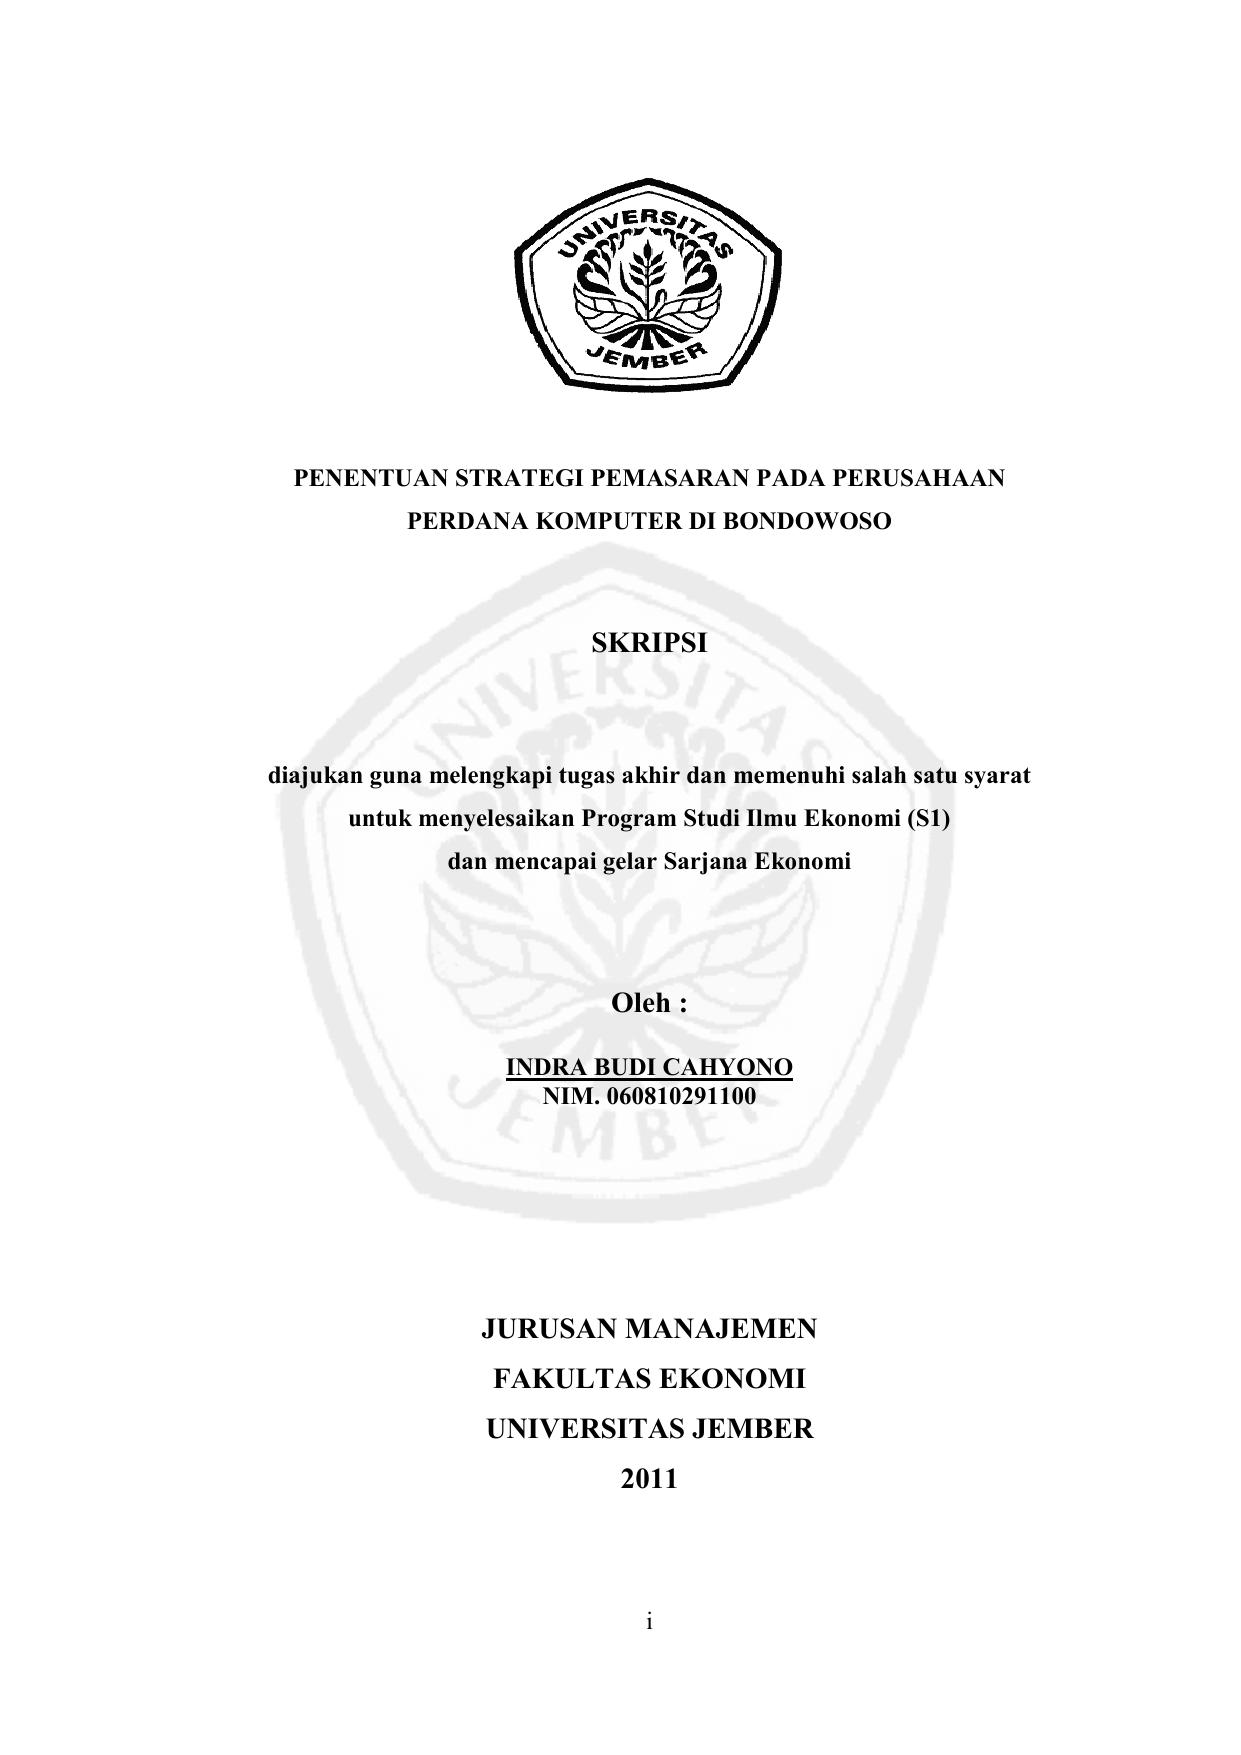 Skripsi Oleh Jurusan Manajemen Fakultas Ekonomi